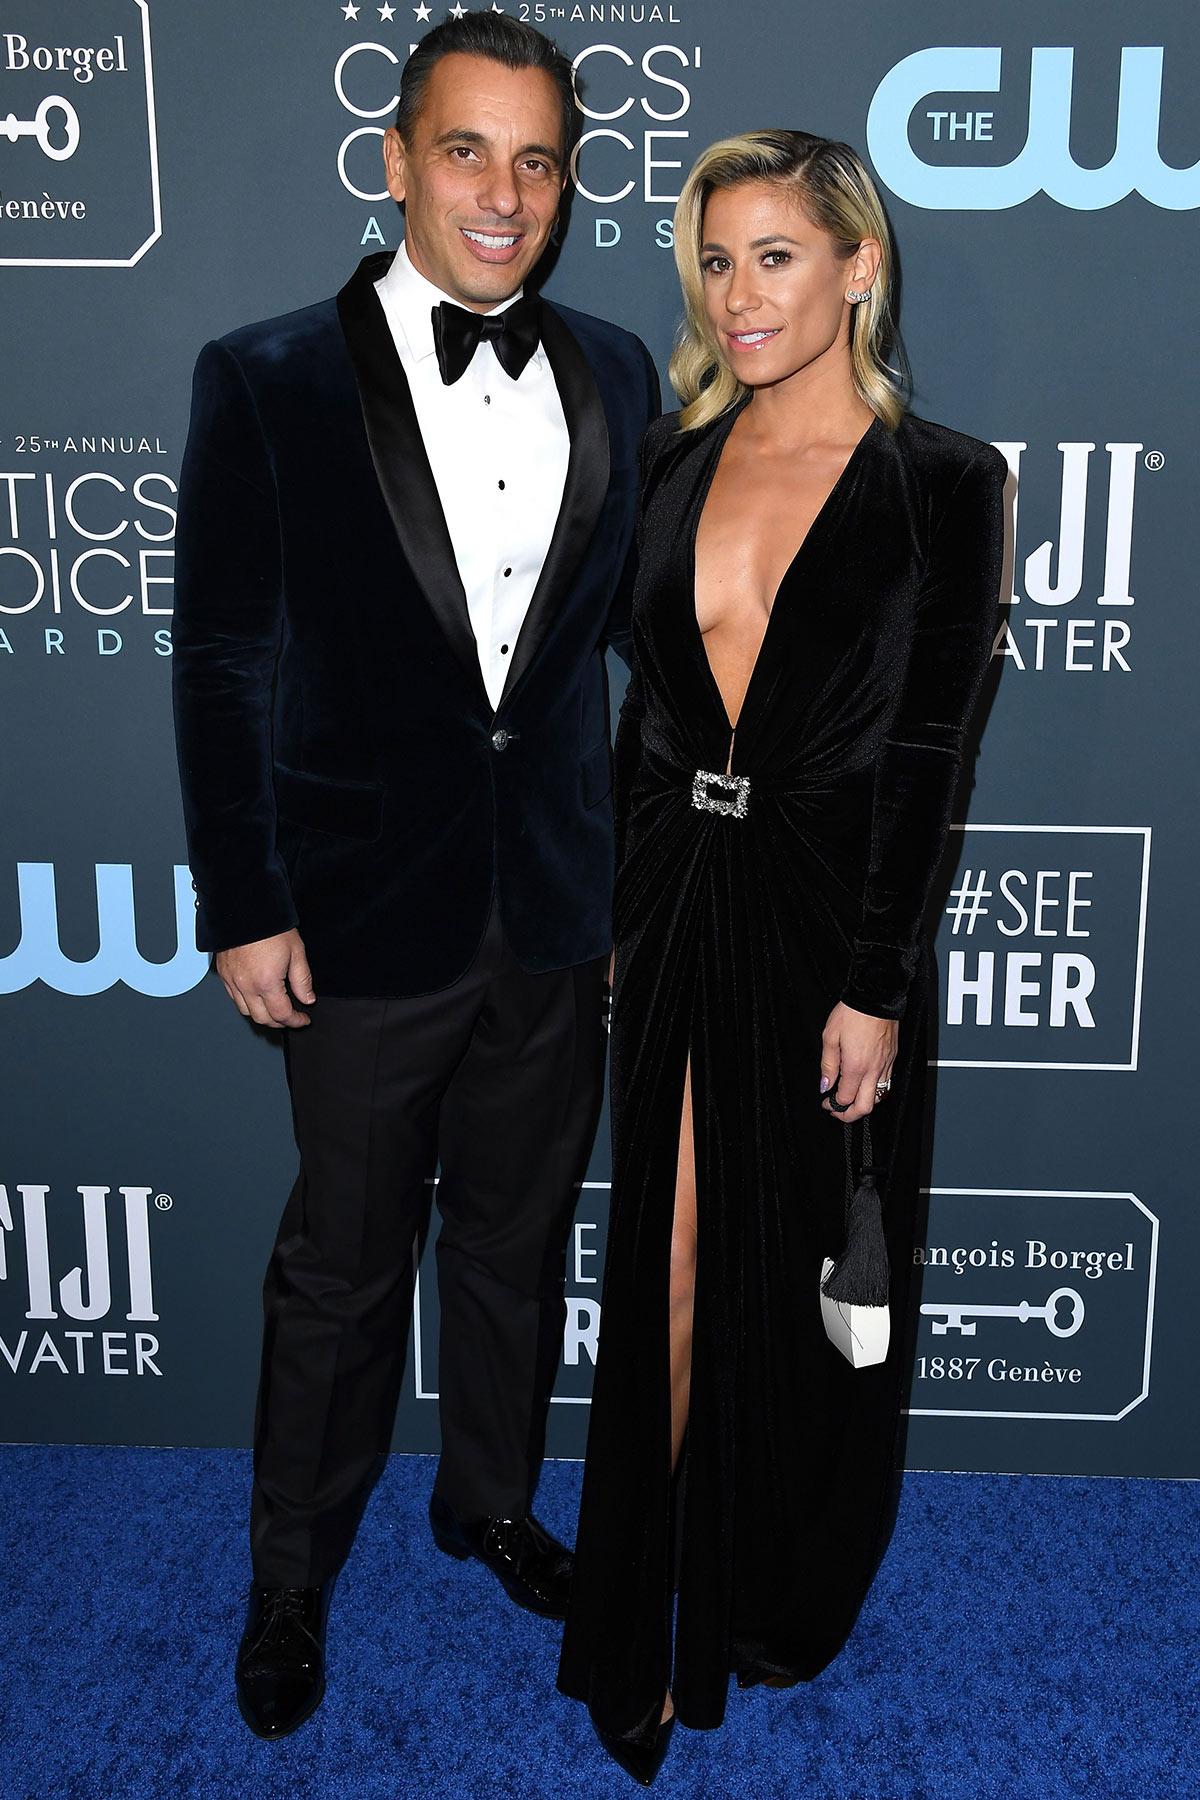 Sebastian Maniscalco and Lana Gomez